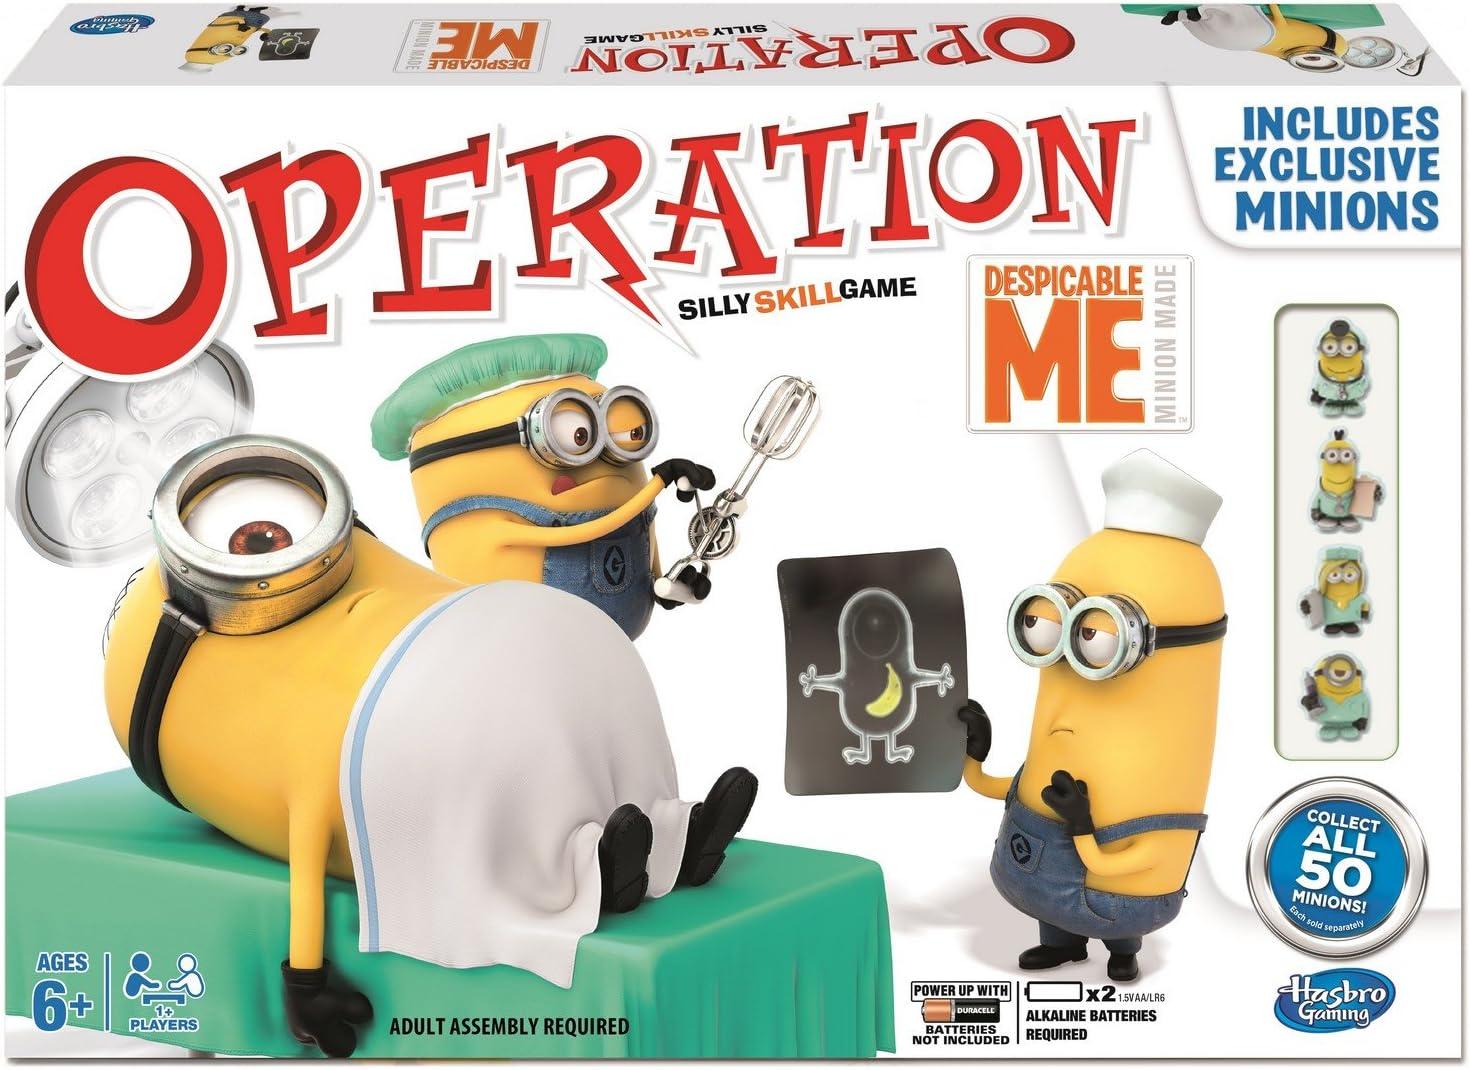 Hasbro Operación Despicable Me - Juego de Mesa: Despicable Me: Amazon.es: Juguetes y juegos